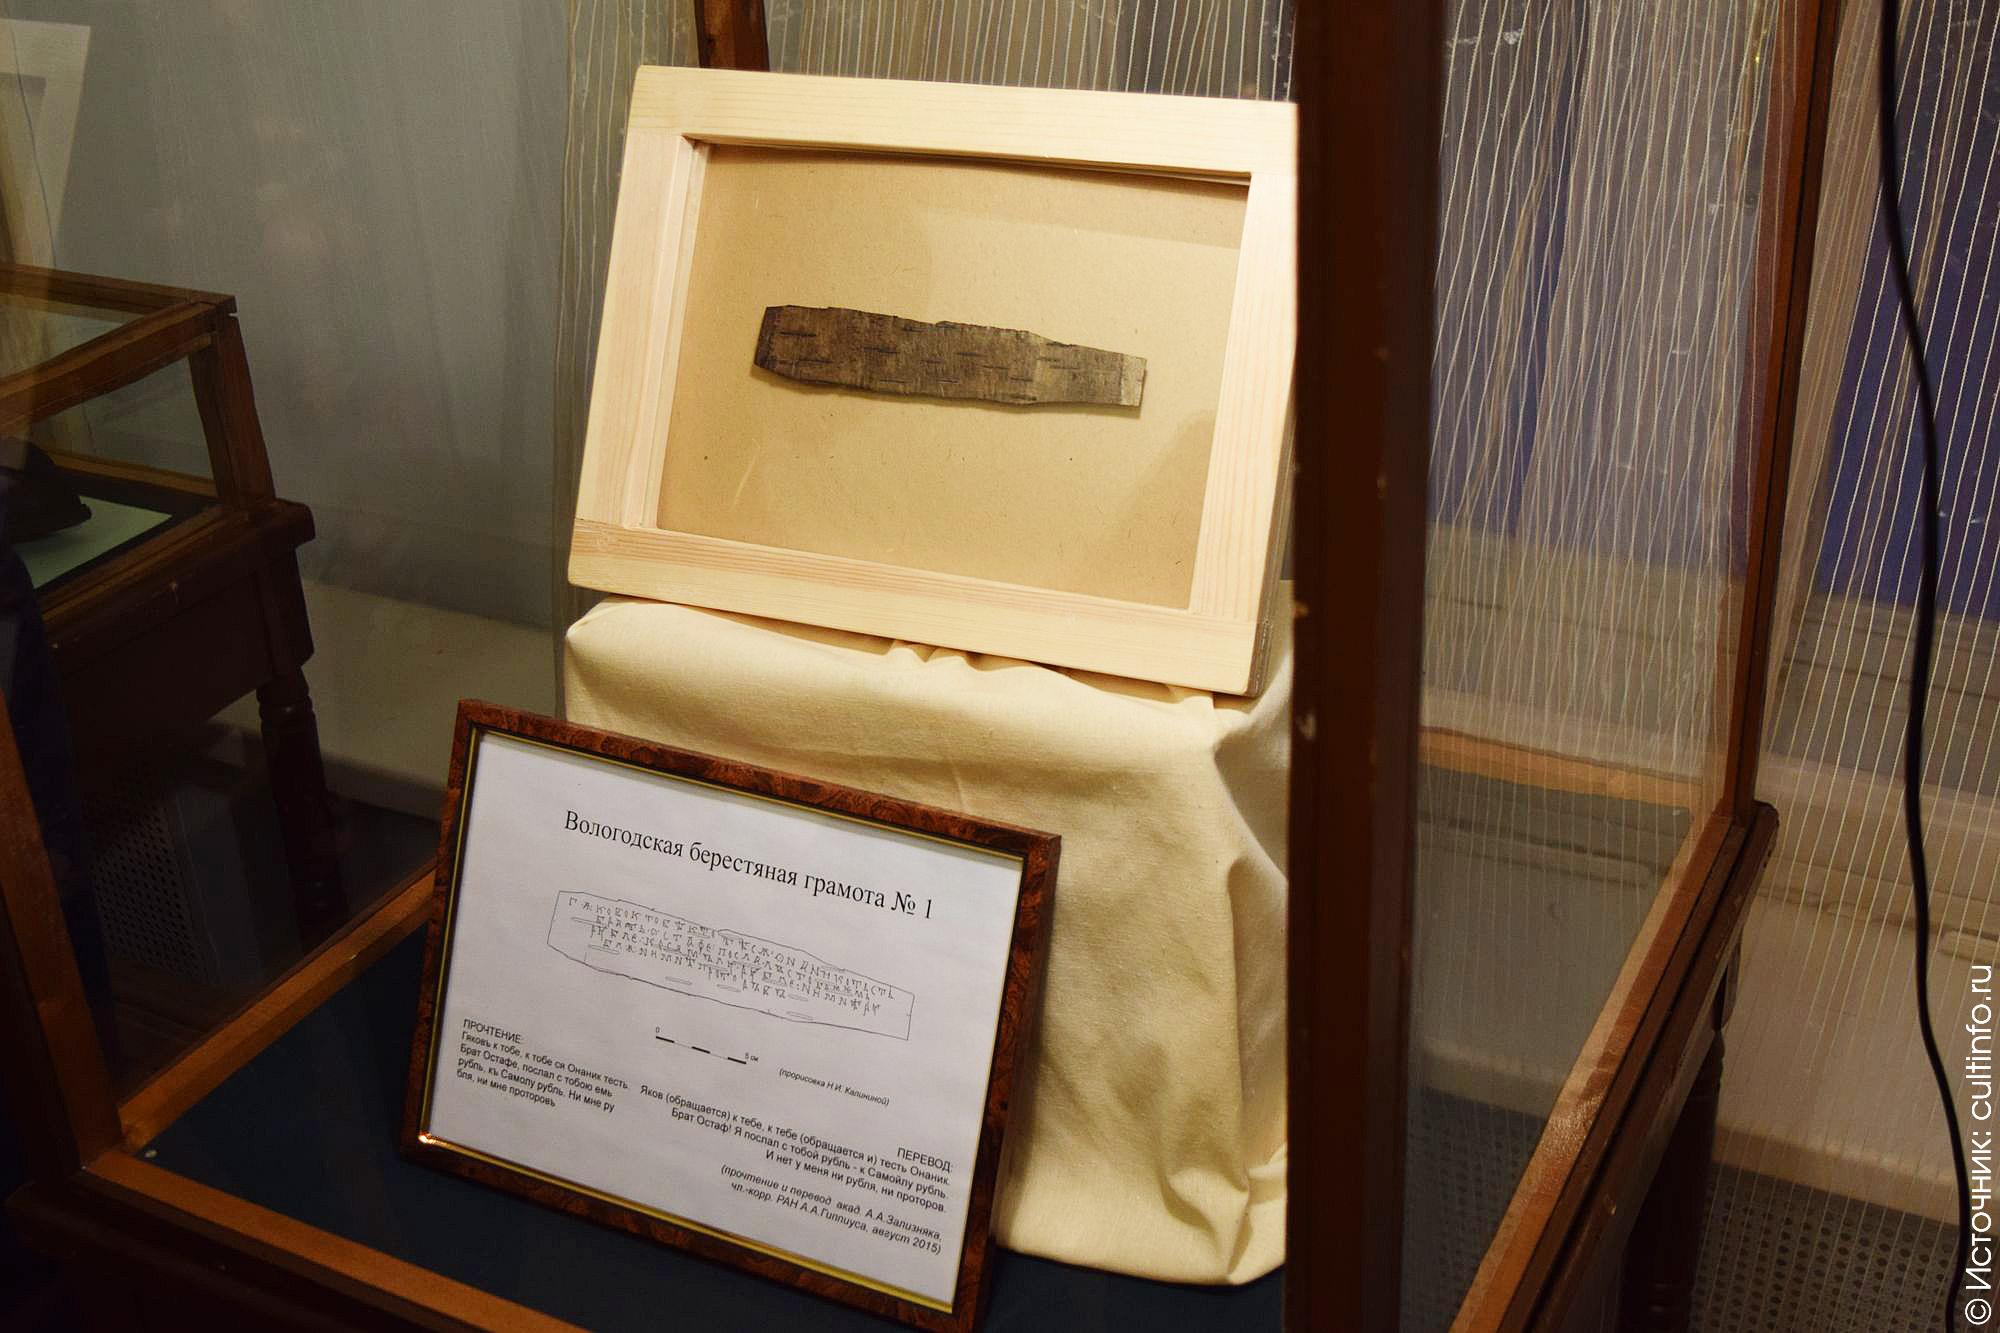 Выставка, на которой можно увидеть первую вологодскую берестяную грамоту, проработает в Вологде еще неделю